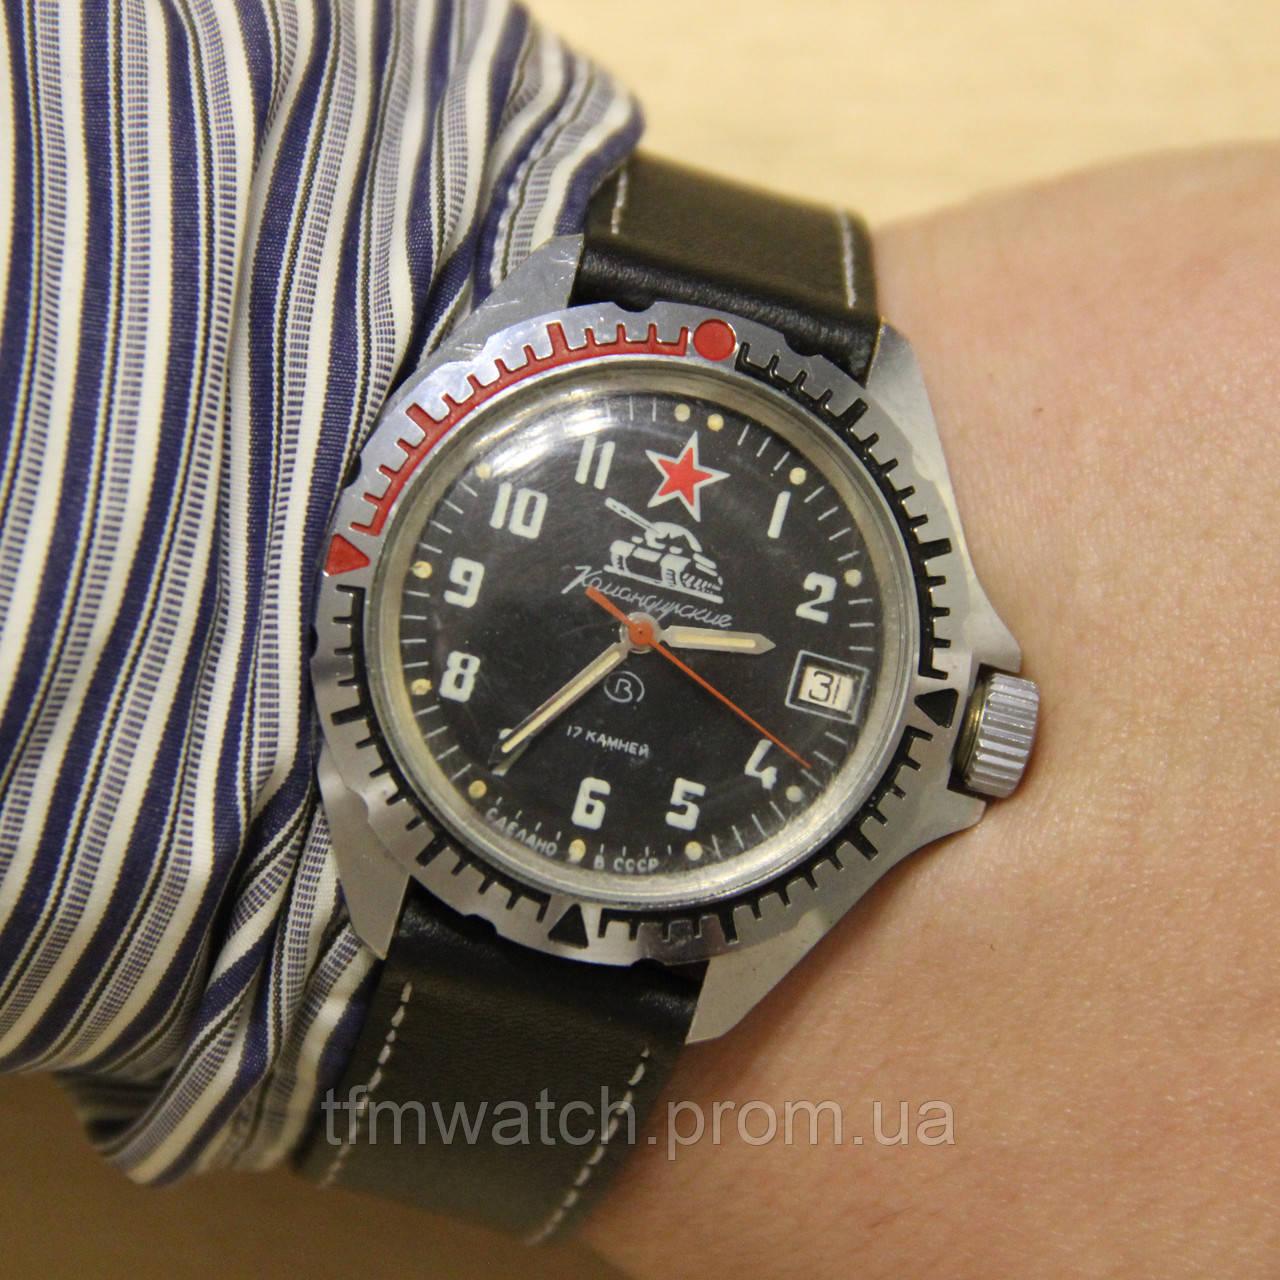 Командирские где часы продать ссср ломбард отзывы перспектива часов